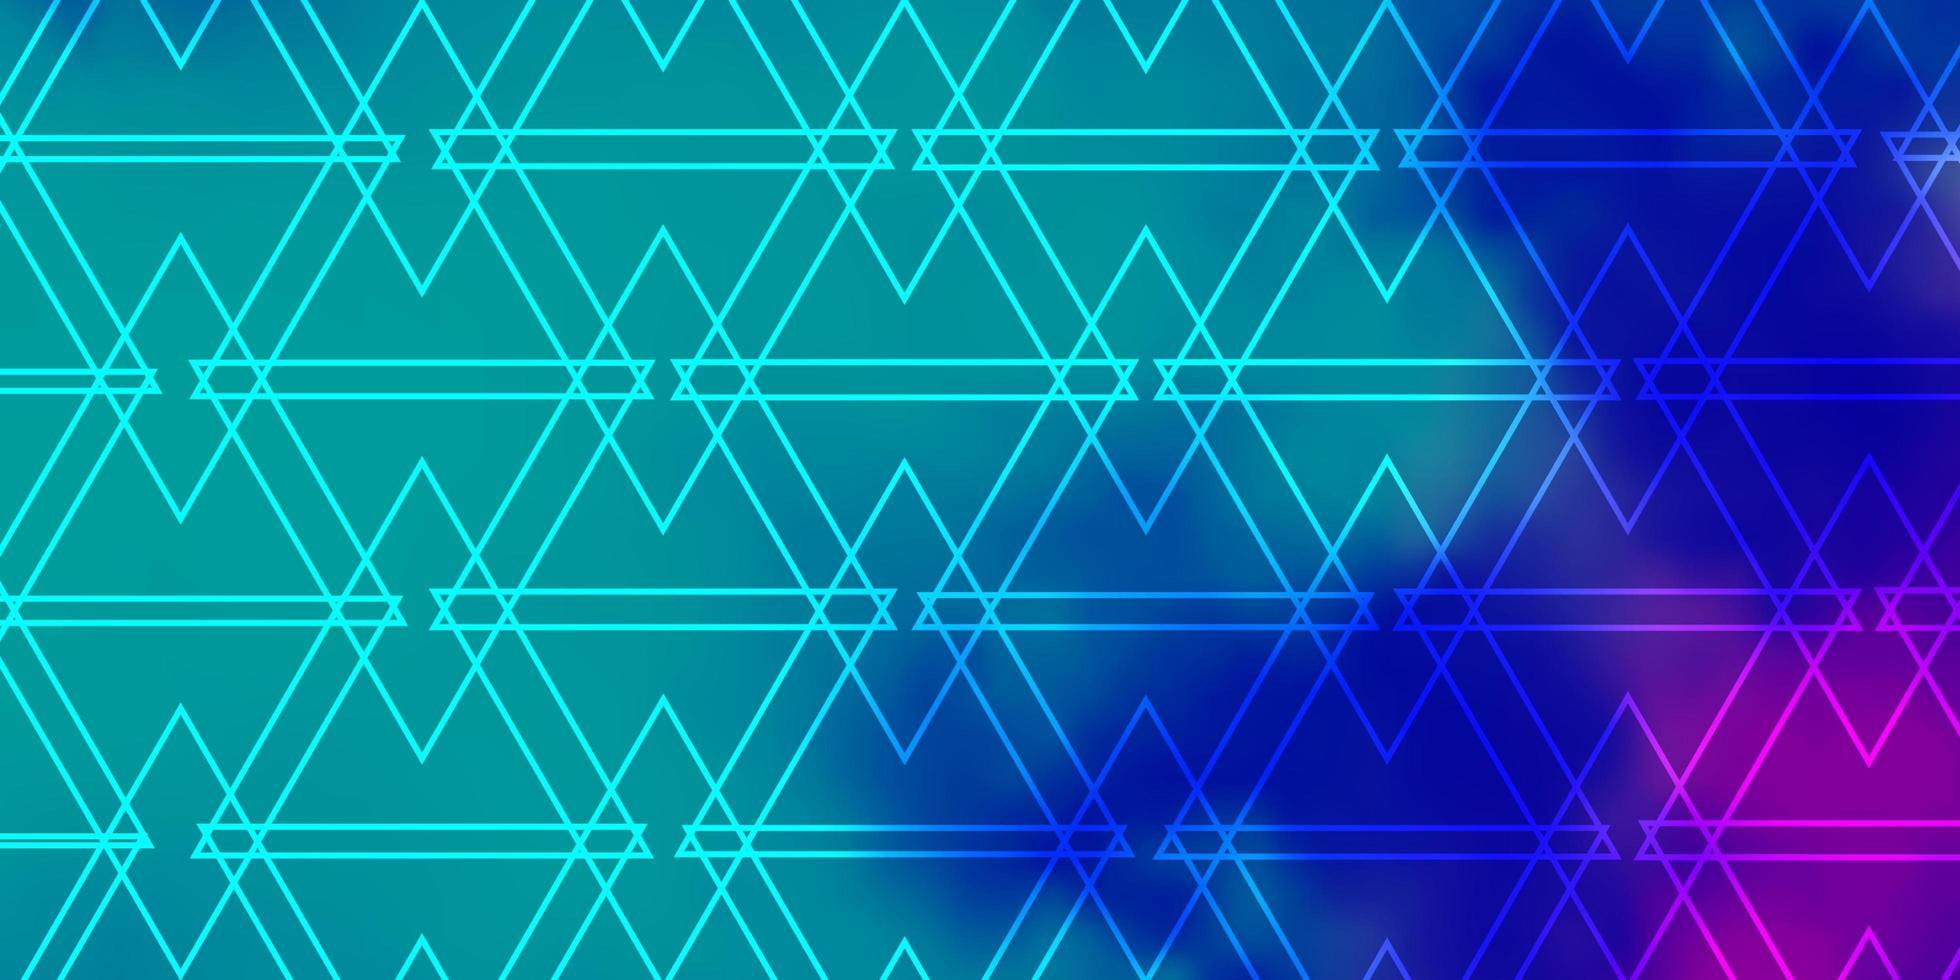 plantilla verde, rosa y azul con triángulos. vector